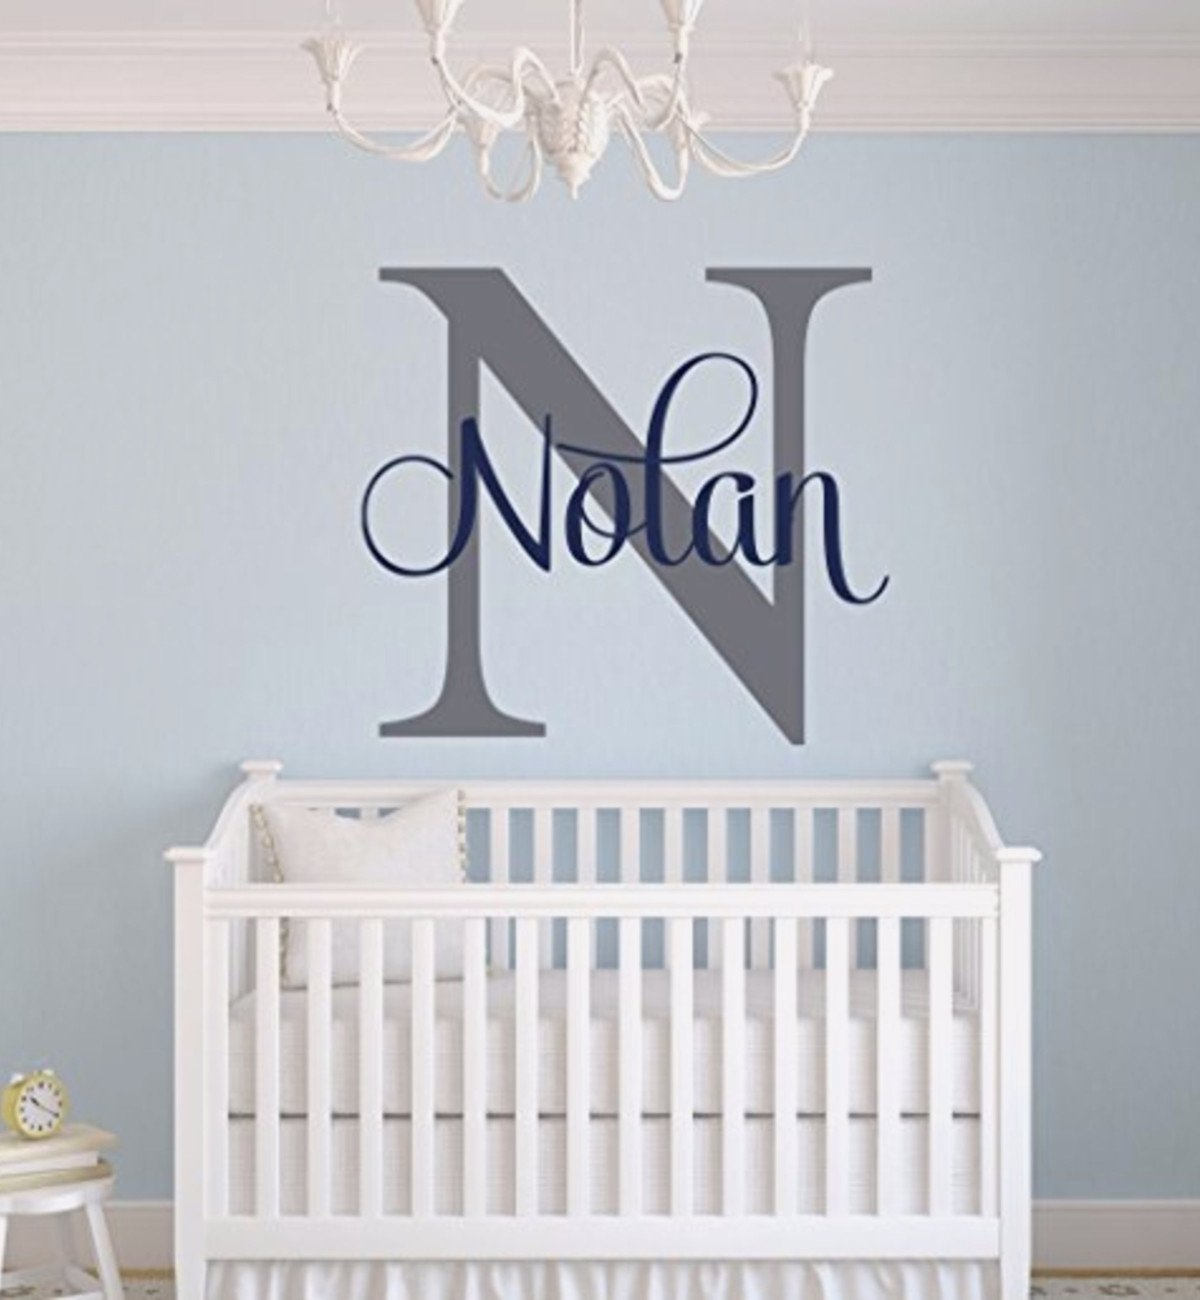 10 Gorgeous Unique Baby Boy Nursery Ideas unique baby boy nursery themes and decor ideas involvery community 2020